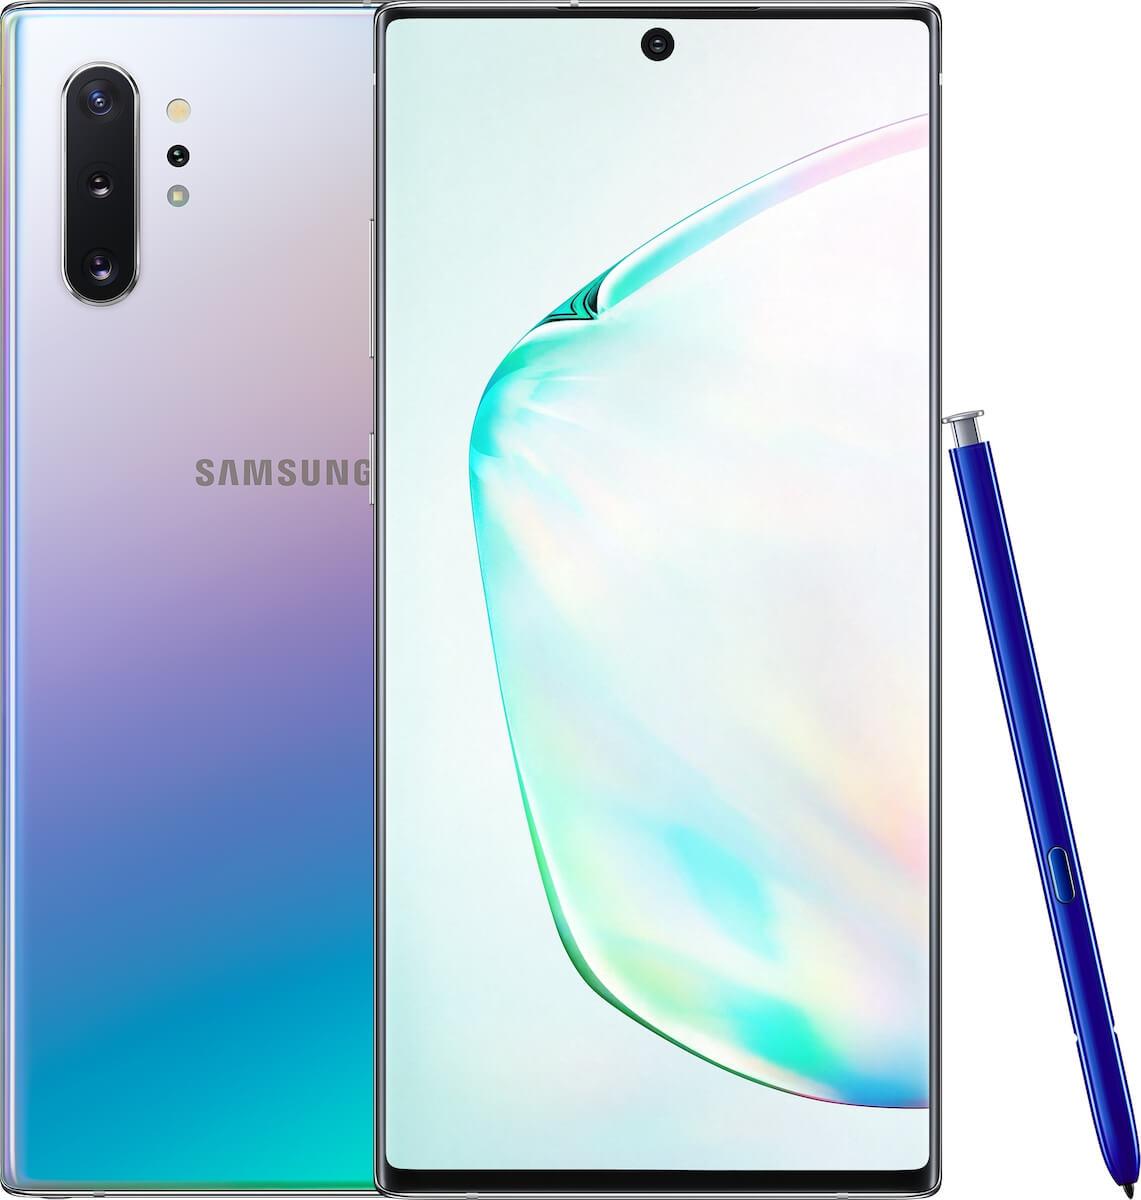 SAMSUNG Galaxy Note10 / 10+: Δείτε το νέο κινητό